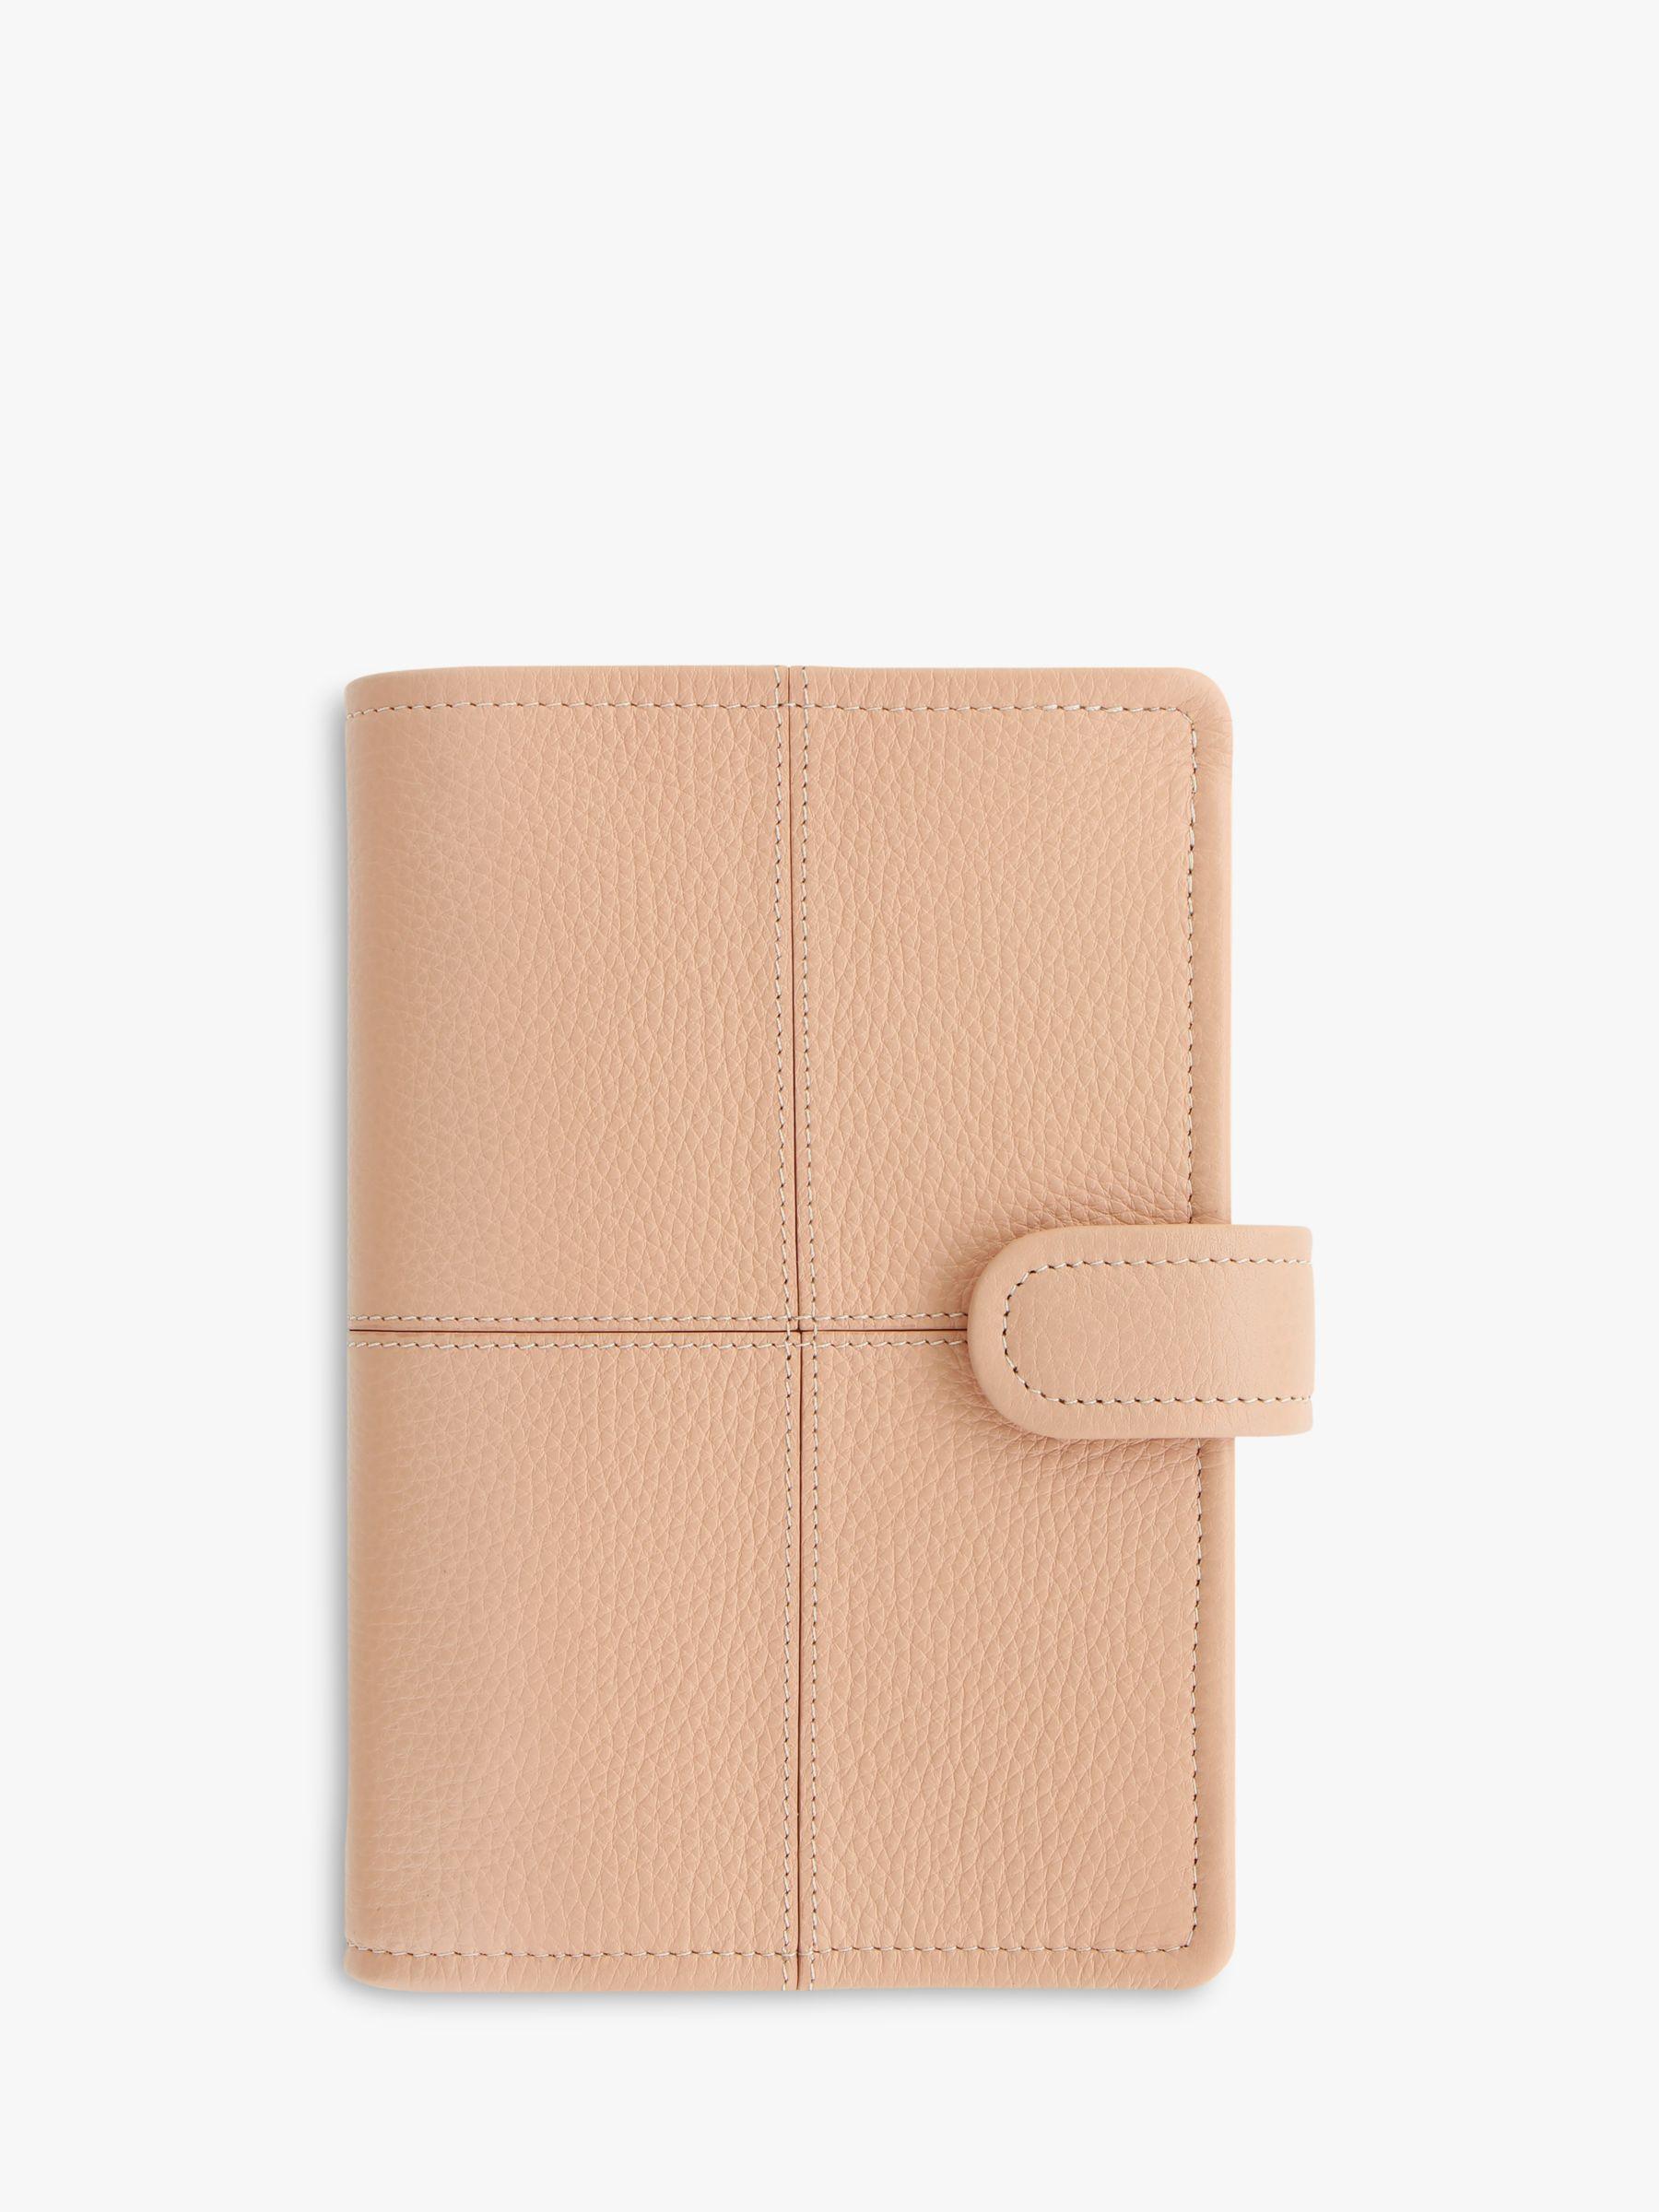 Filofax Filofax Classic Stitch Leather Personal Organiser, Soft Peach